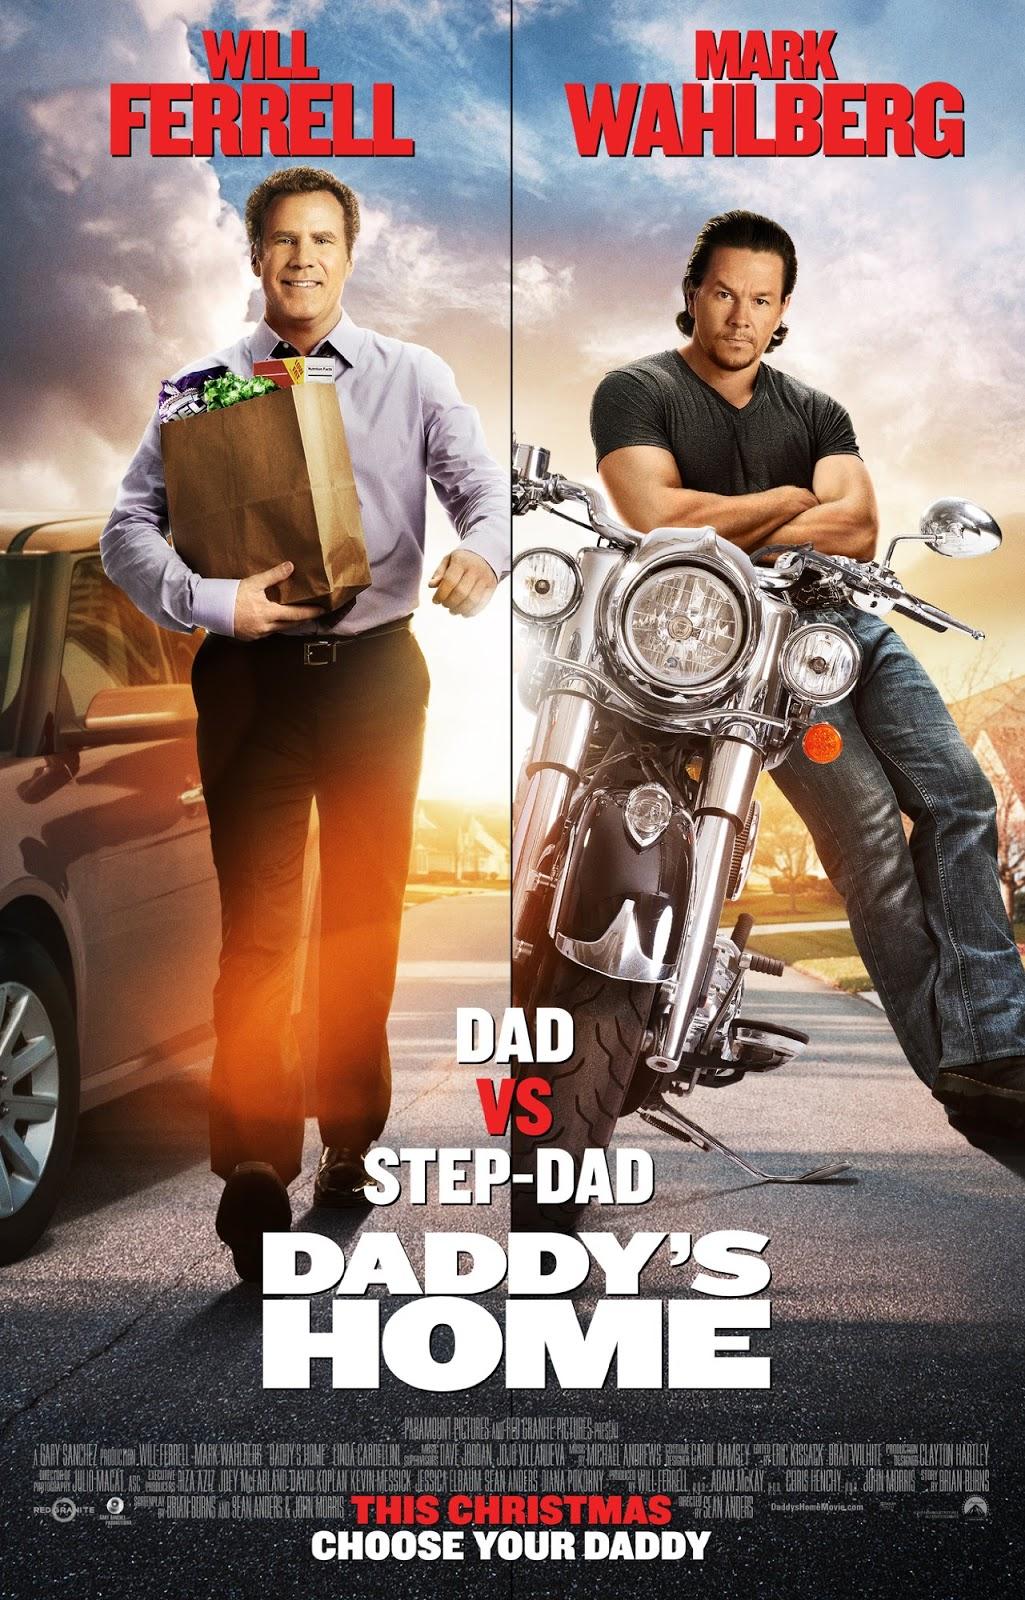 Guerra de Papás (... Mark Wahlberg